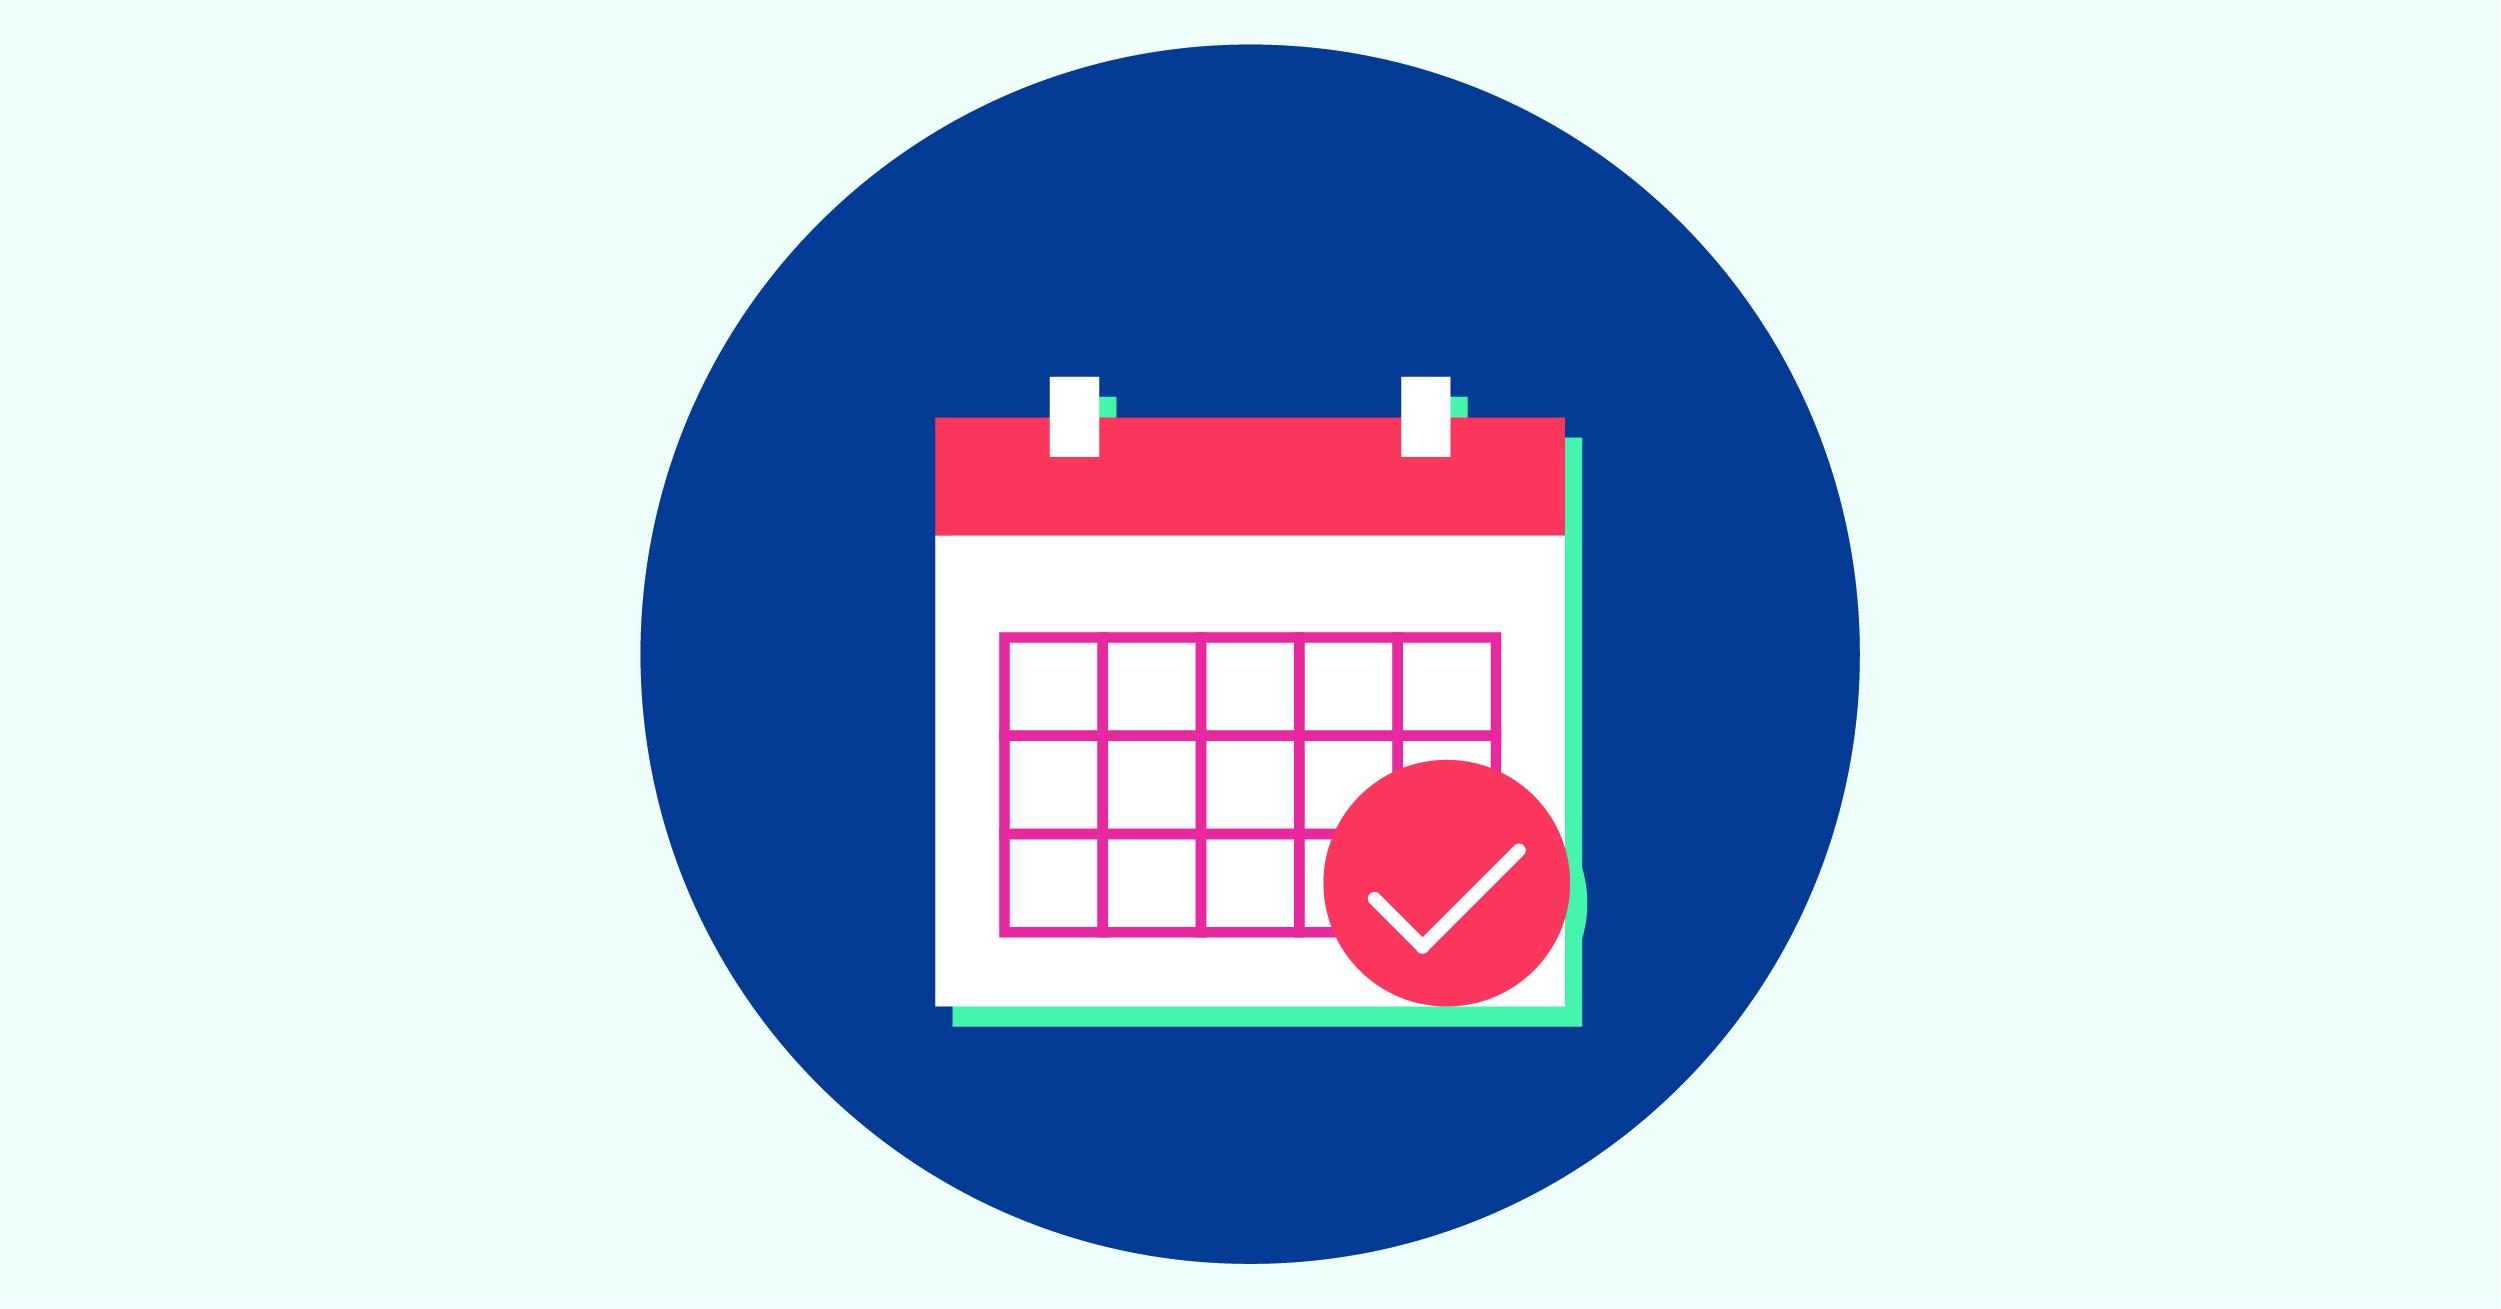 Vad betyder förslaget om korttidspermittering?